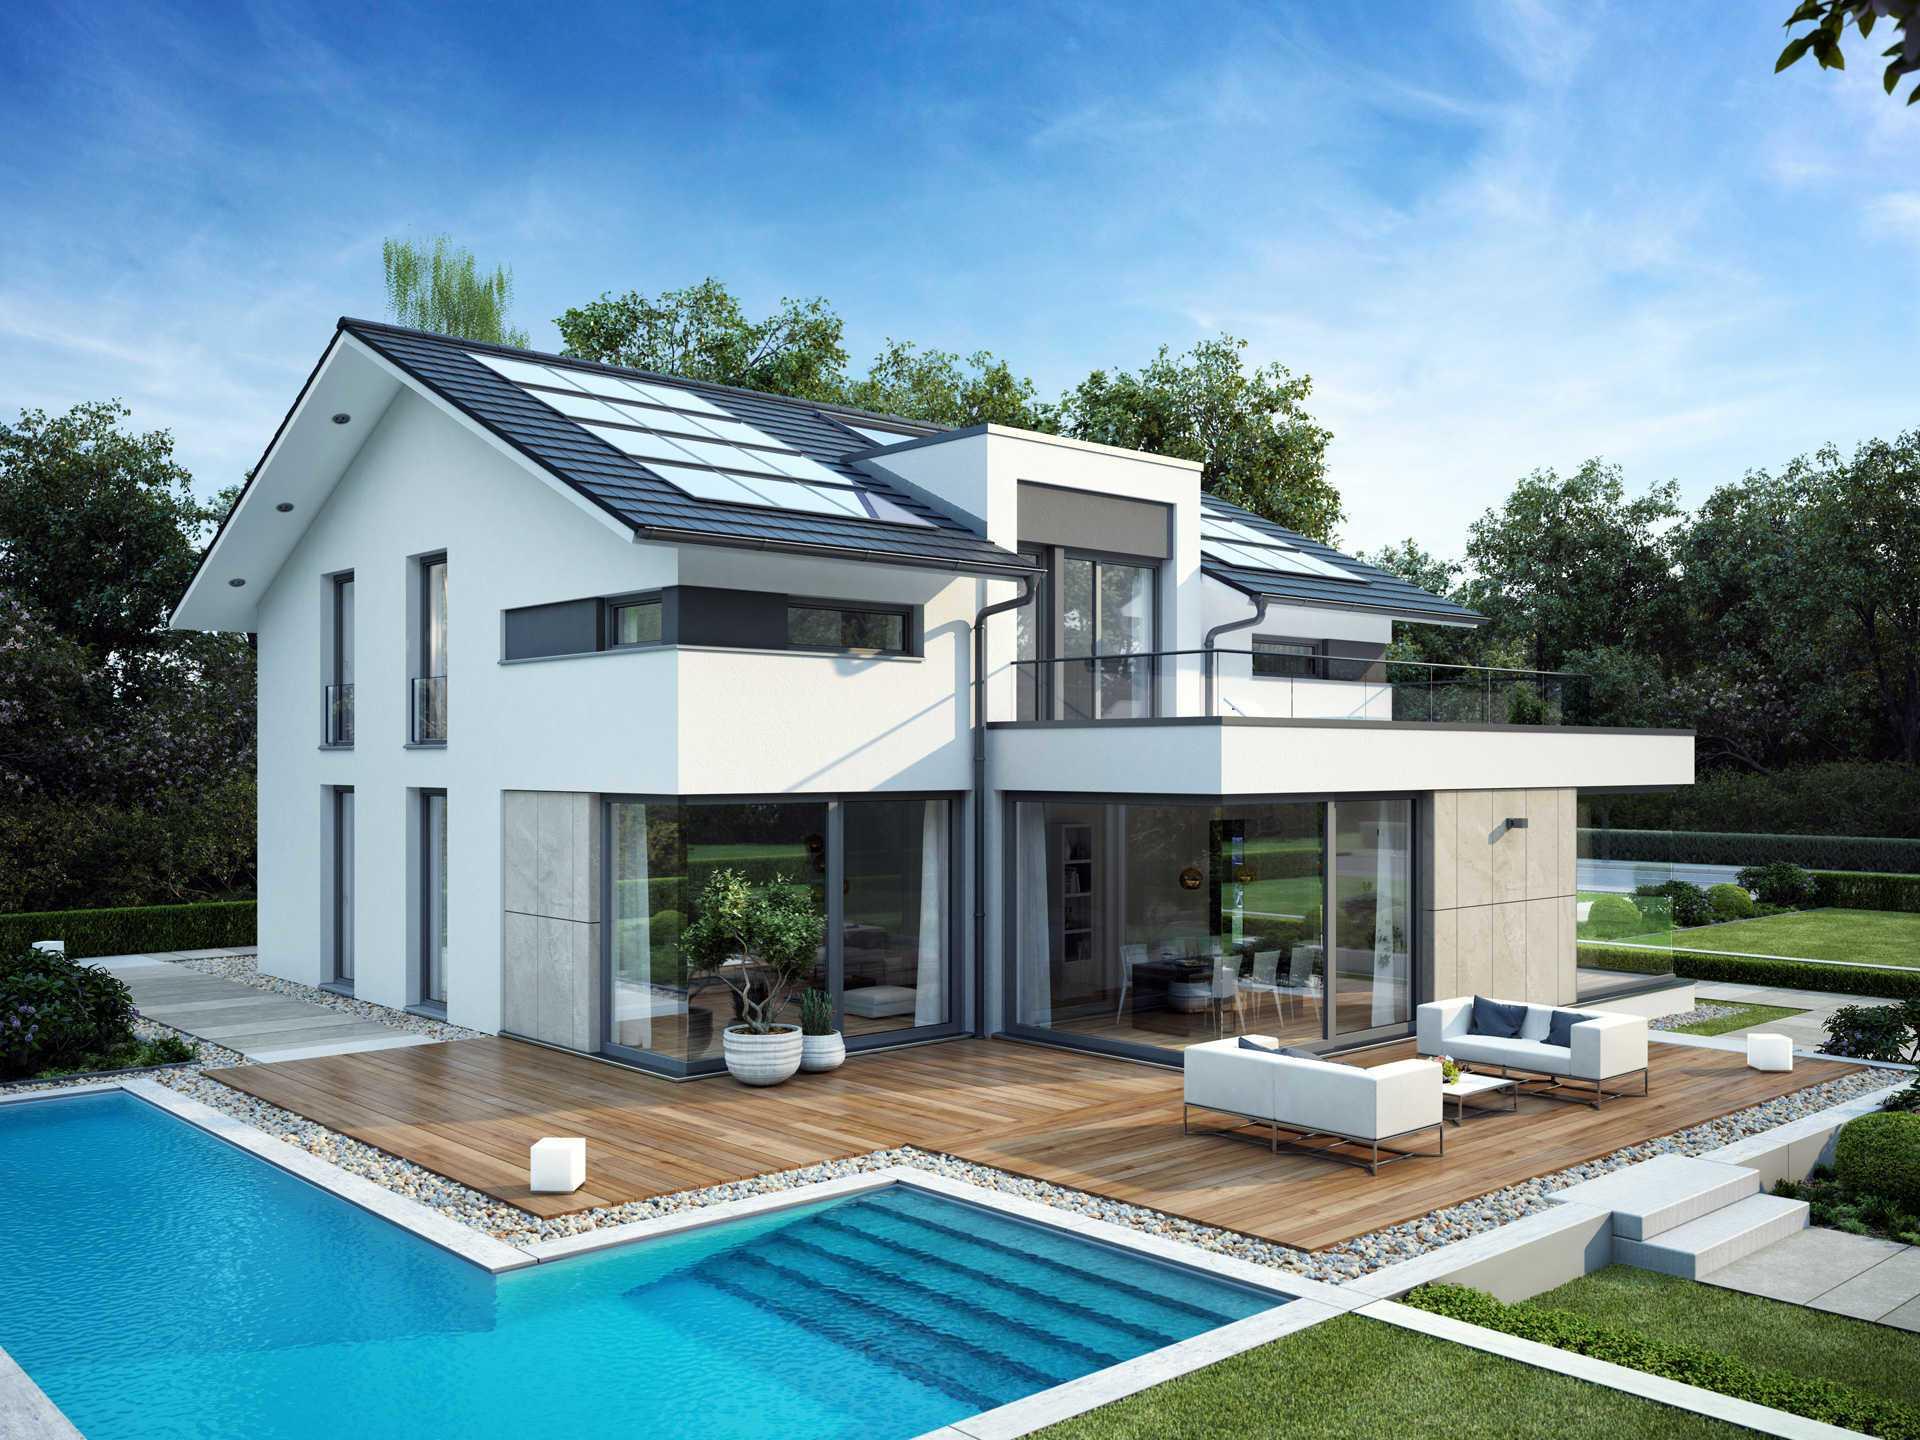 Fertighaus center mannheim for Fertighaus grundrisse einfamilienhaus